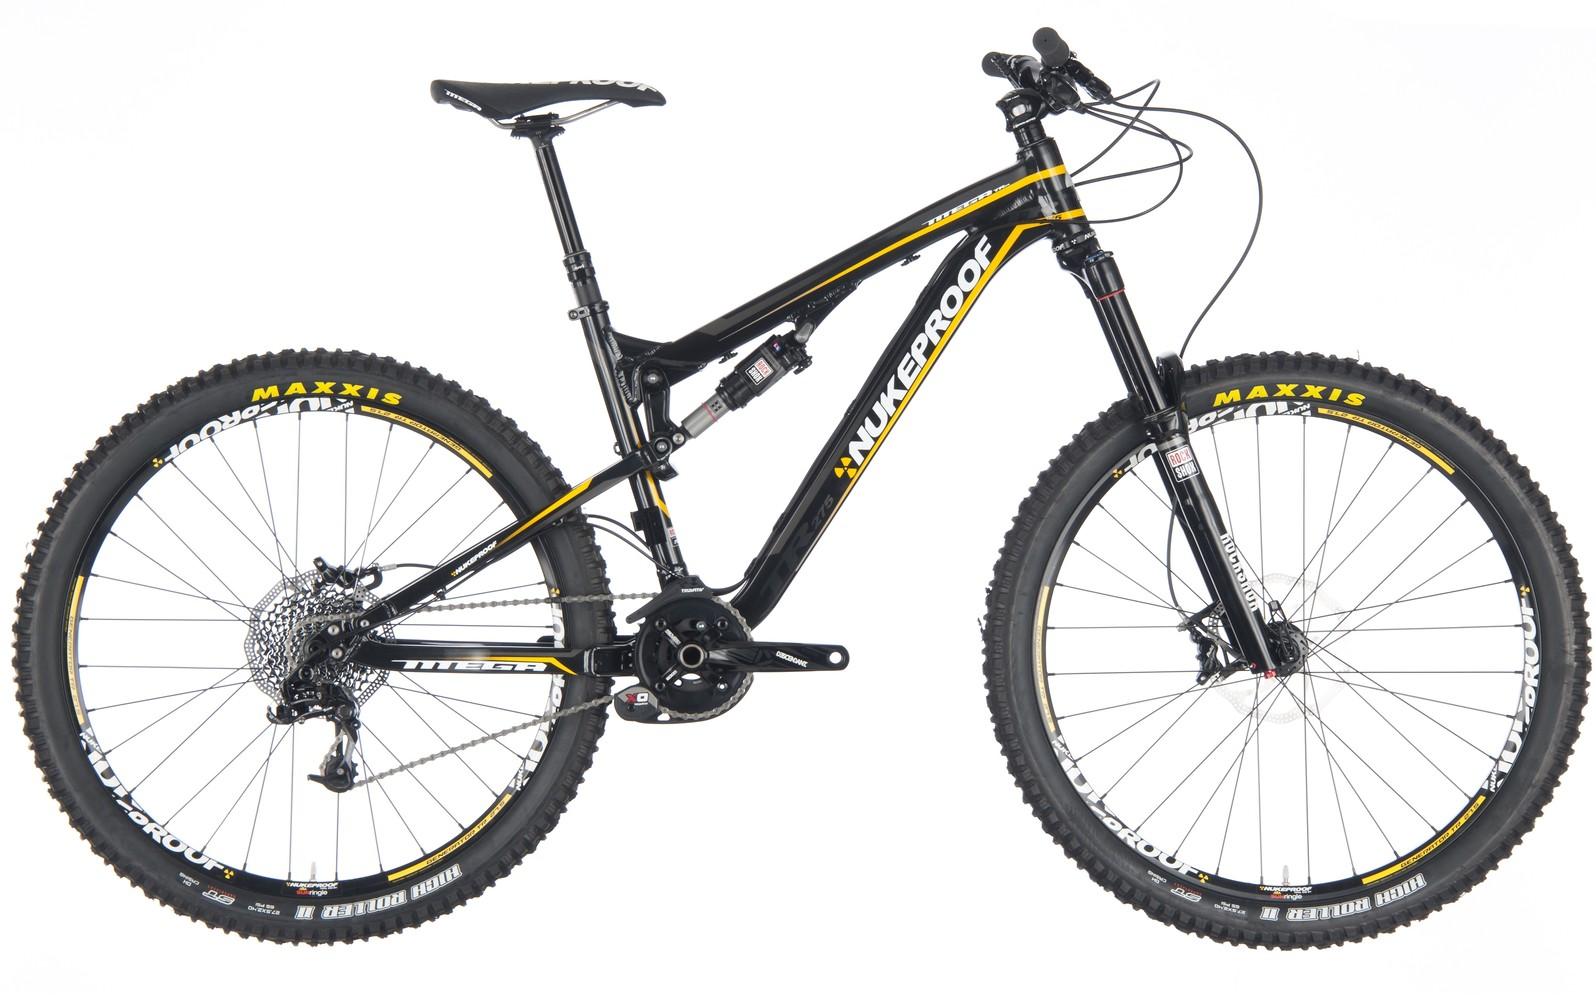 Bike - 2014 Nukeproof Mega TR 275 Pro